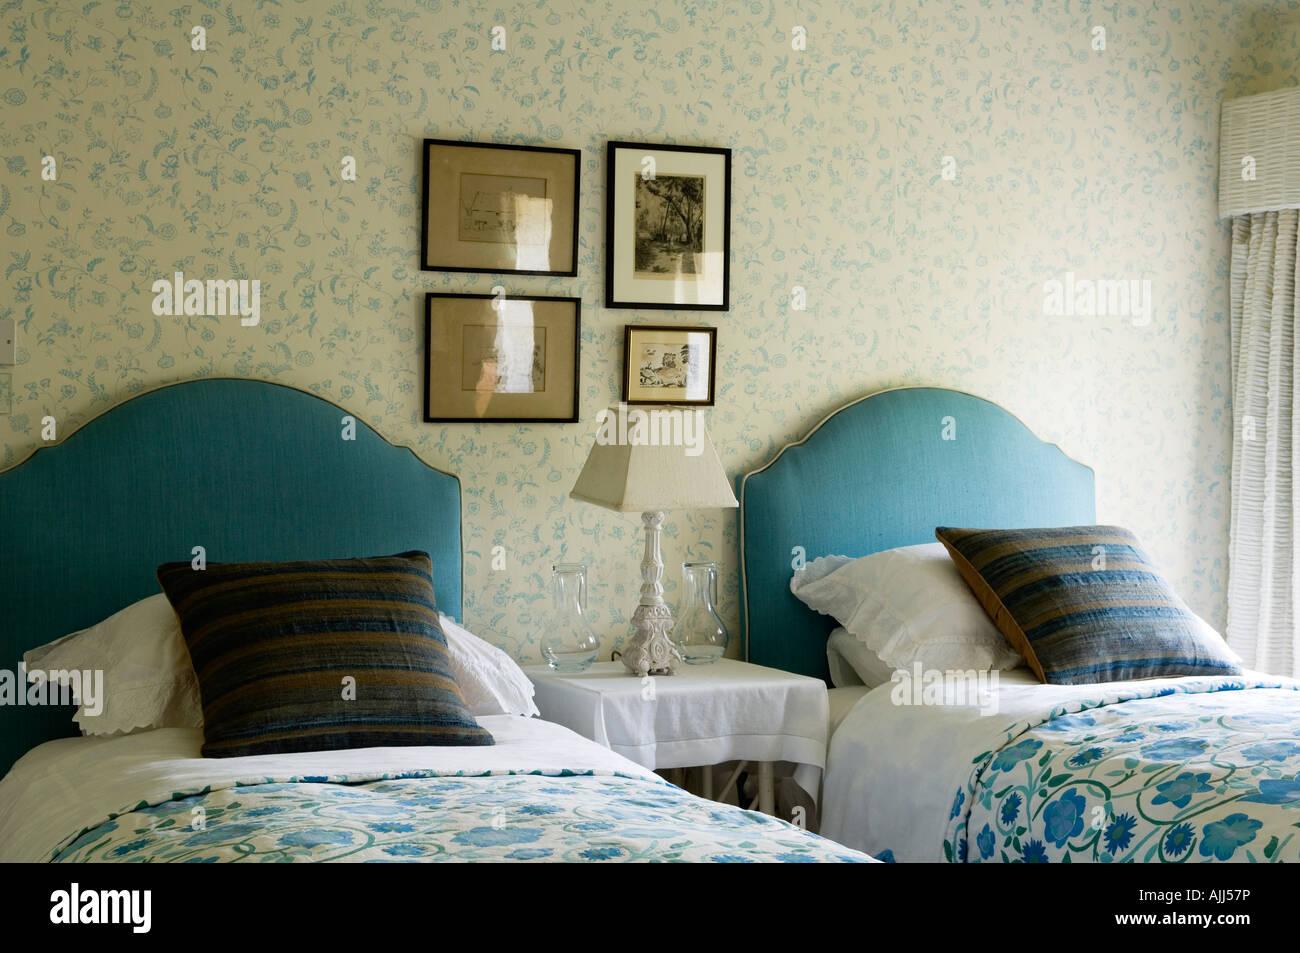 Camera Da Letto Parete Turchese : Camera da letto con il turchese letti singoli e designer parete